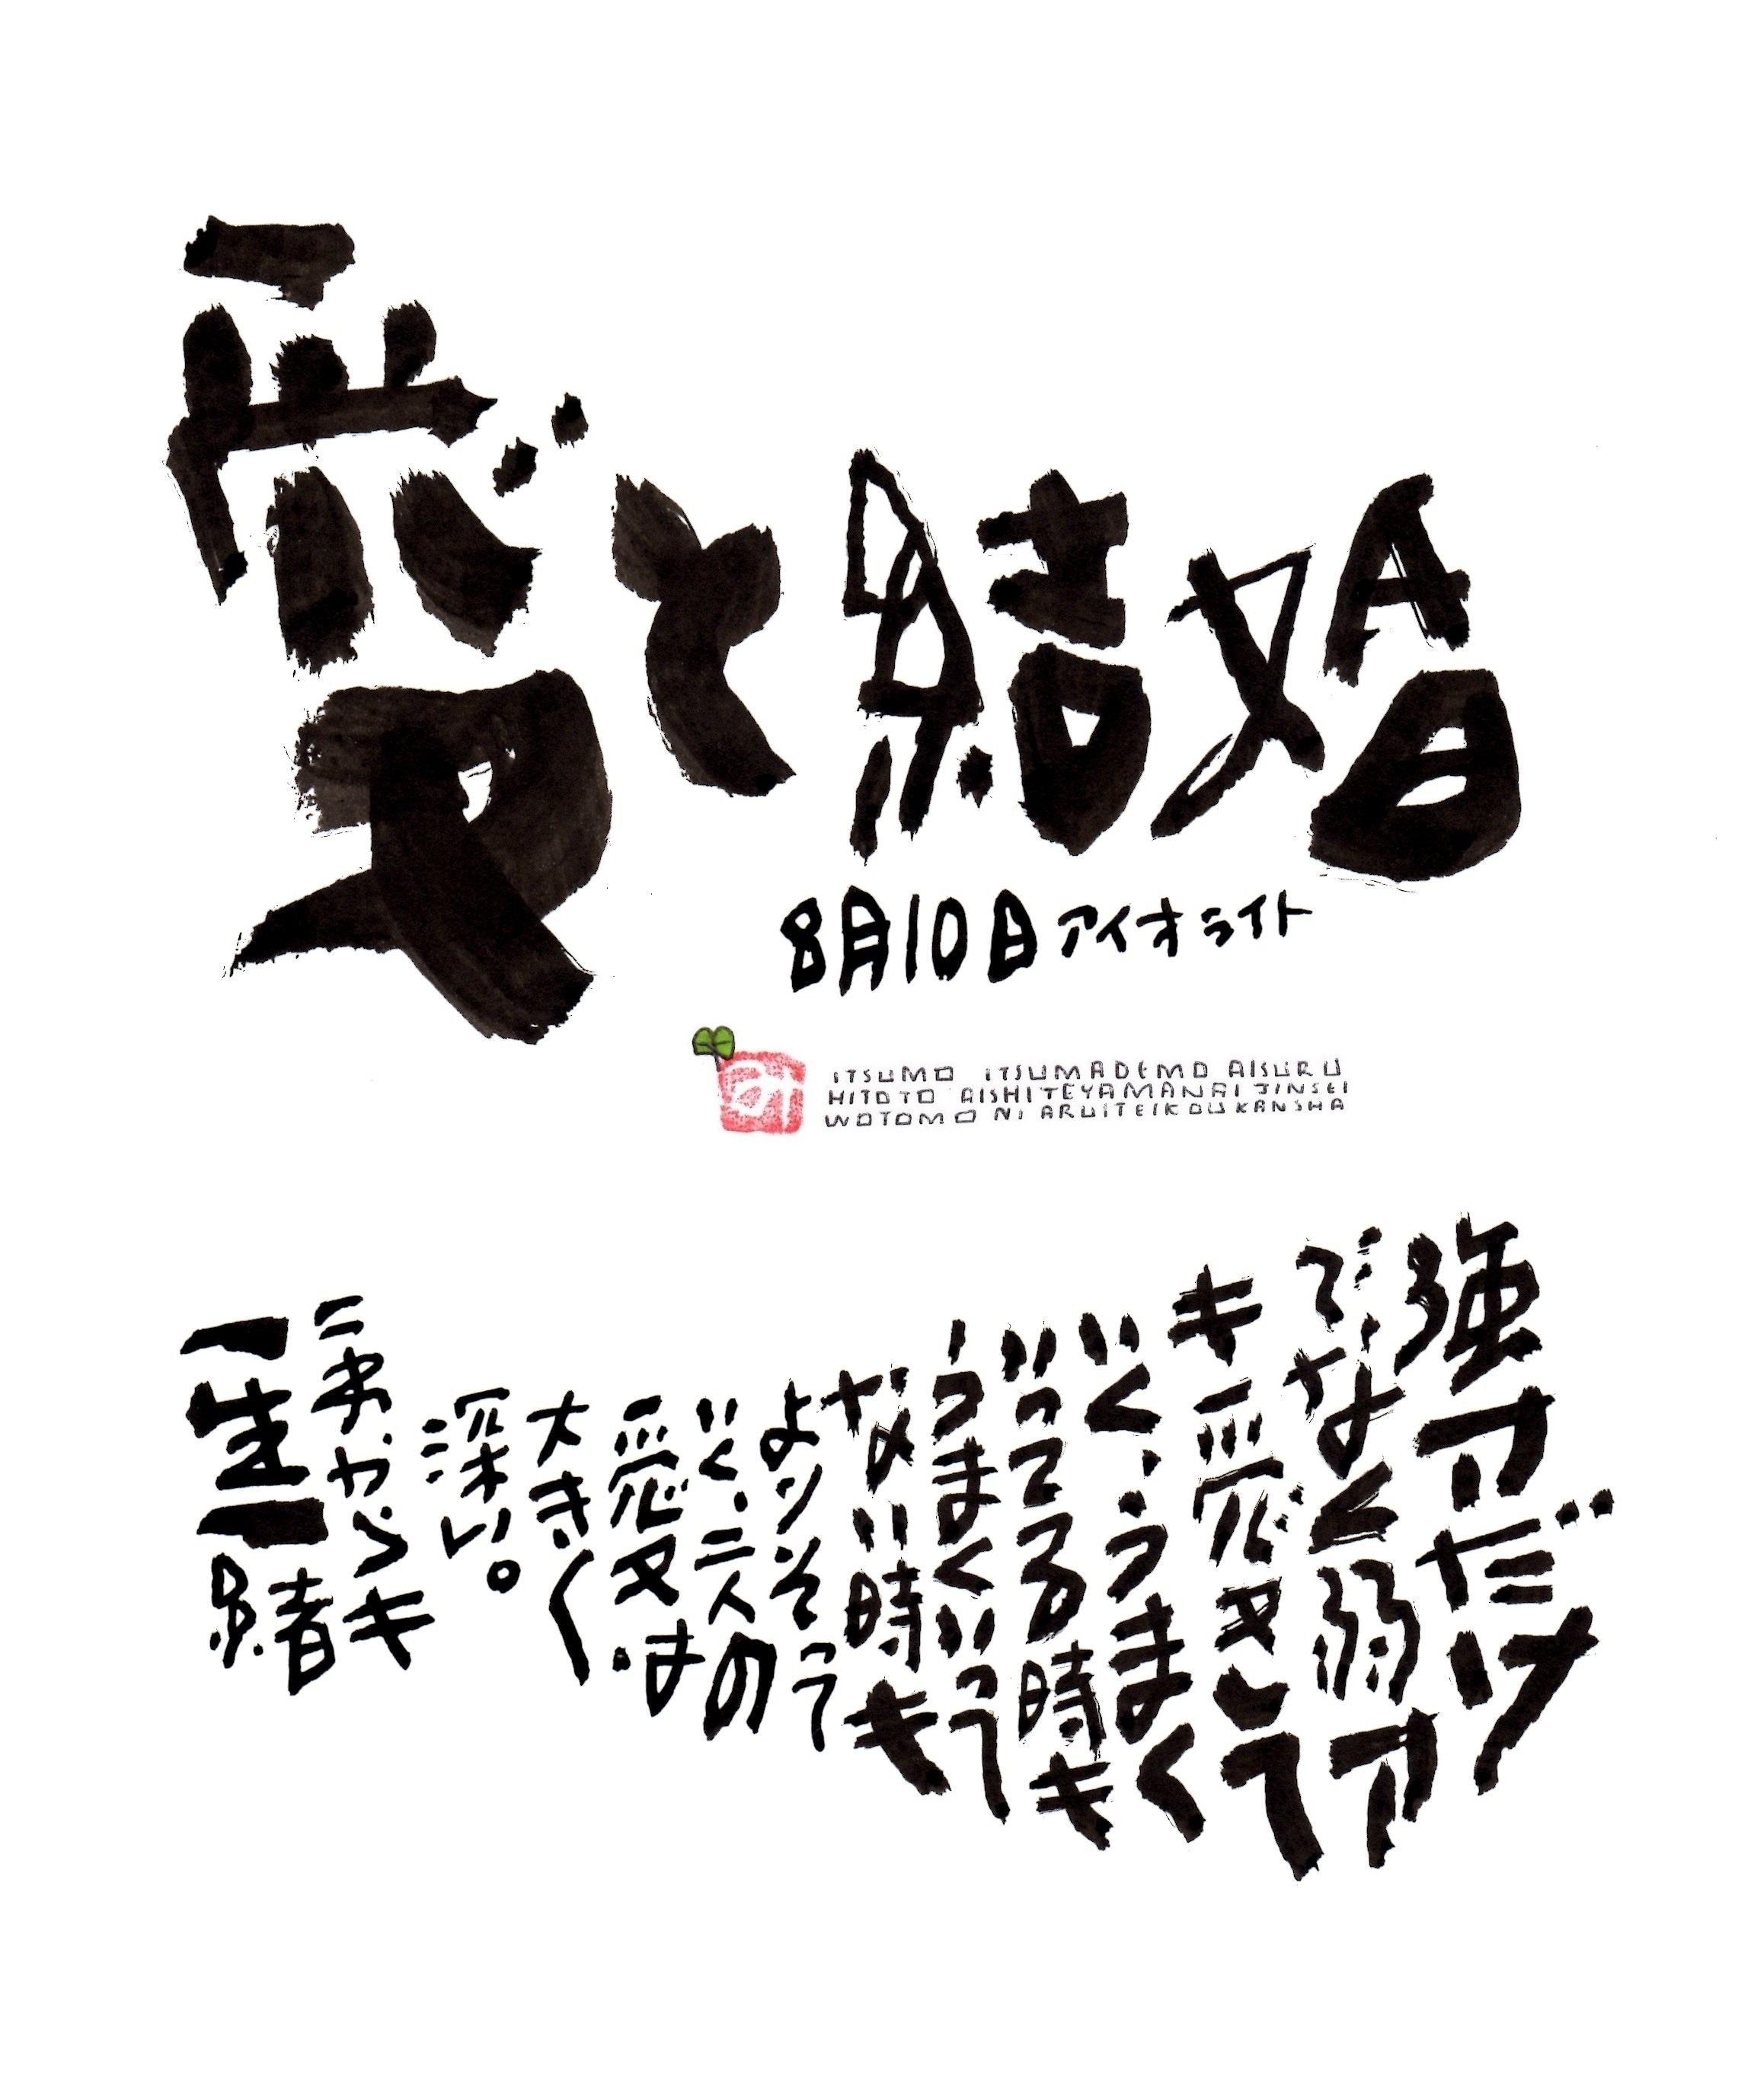 8月10日 結婚記念日ポストカード【愛と結婚】